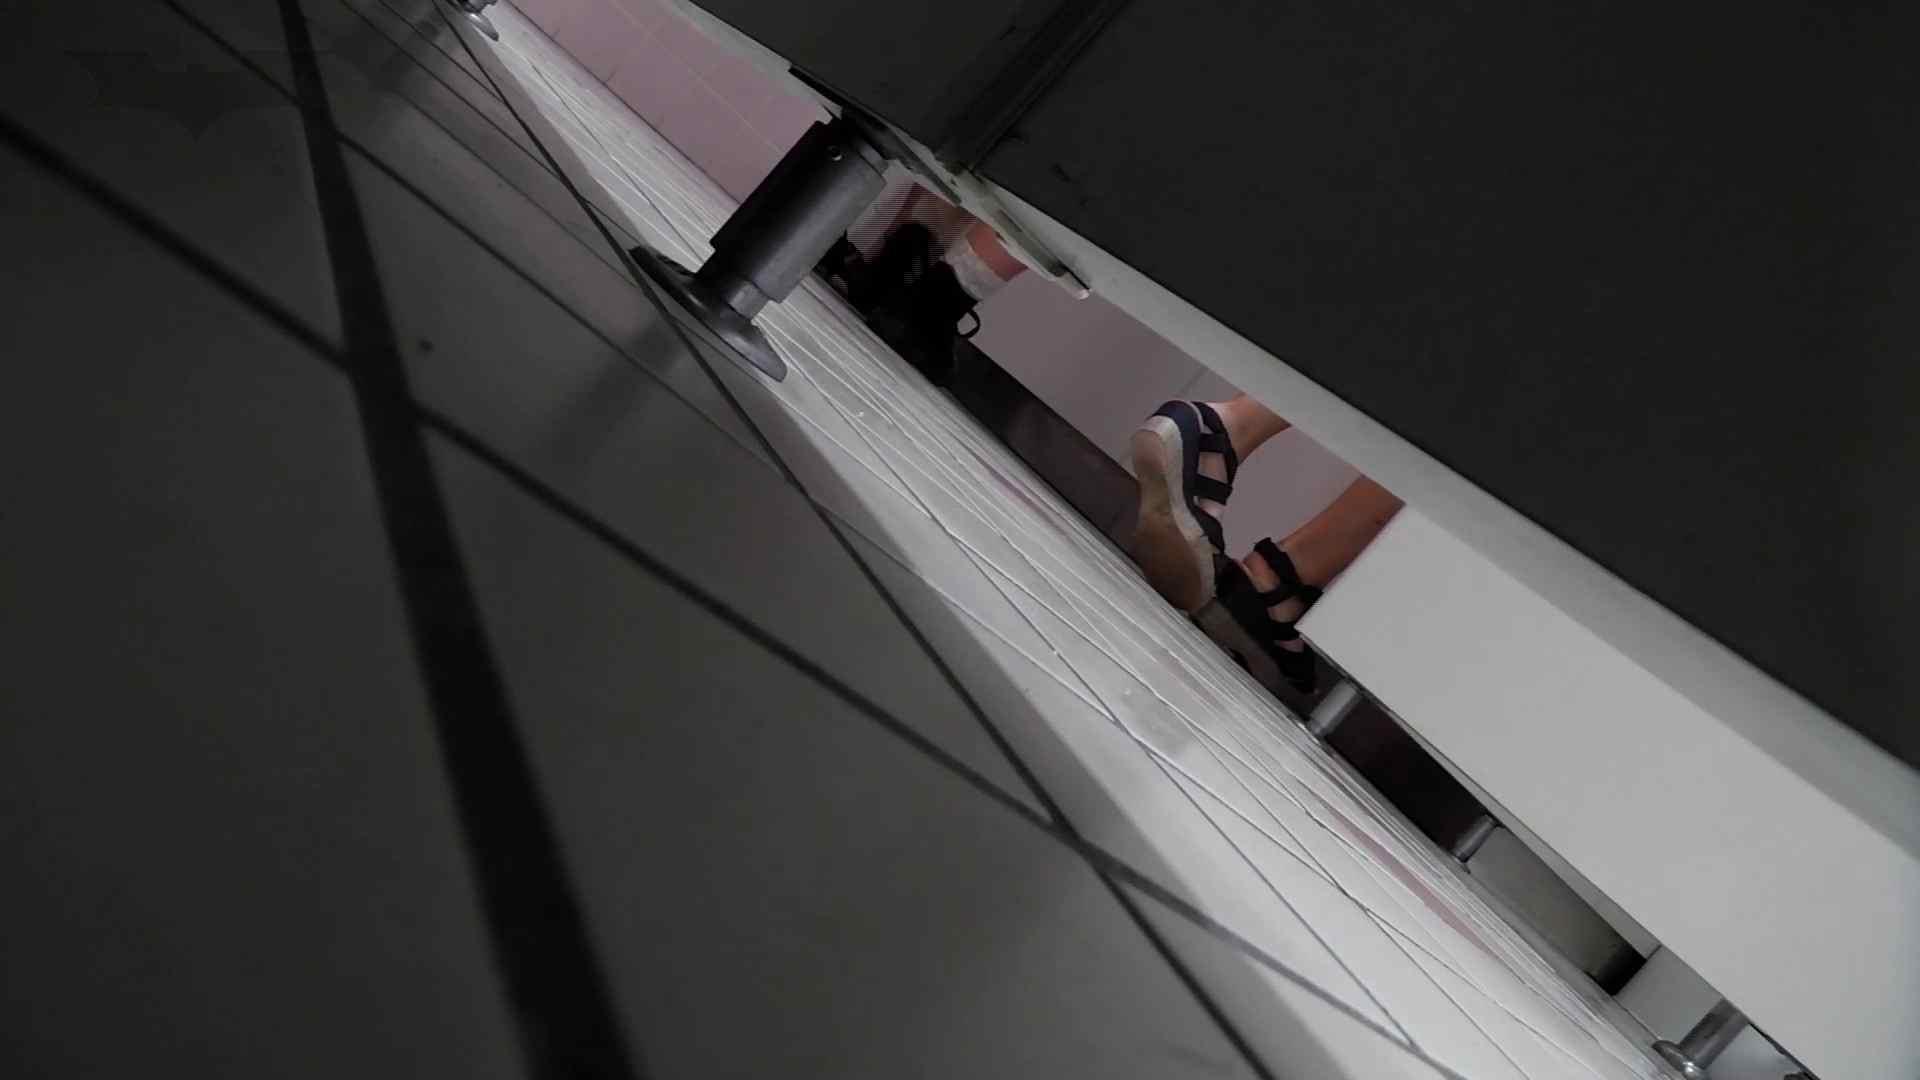 美しい日本の未来 No.36 進歩3連続作戦【2015・28位】 盗撮エロすぎ | おまんこ無修正  28連発 7